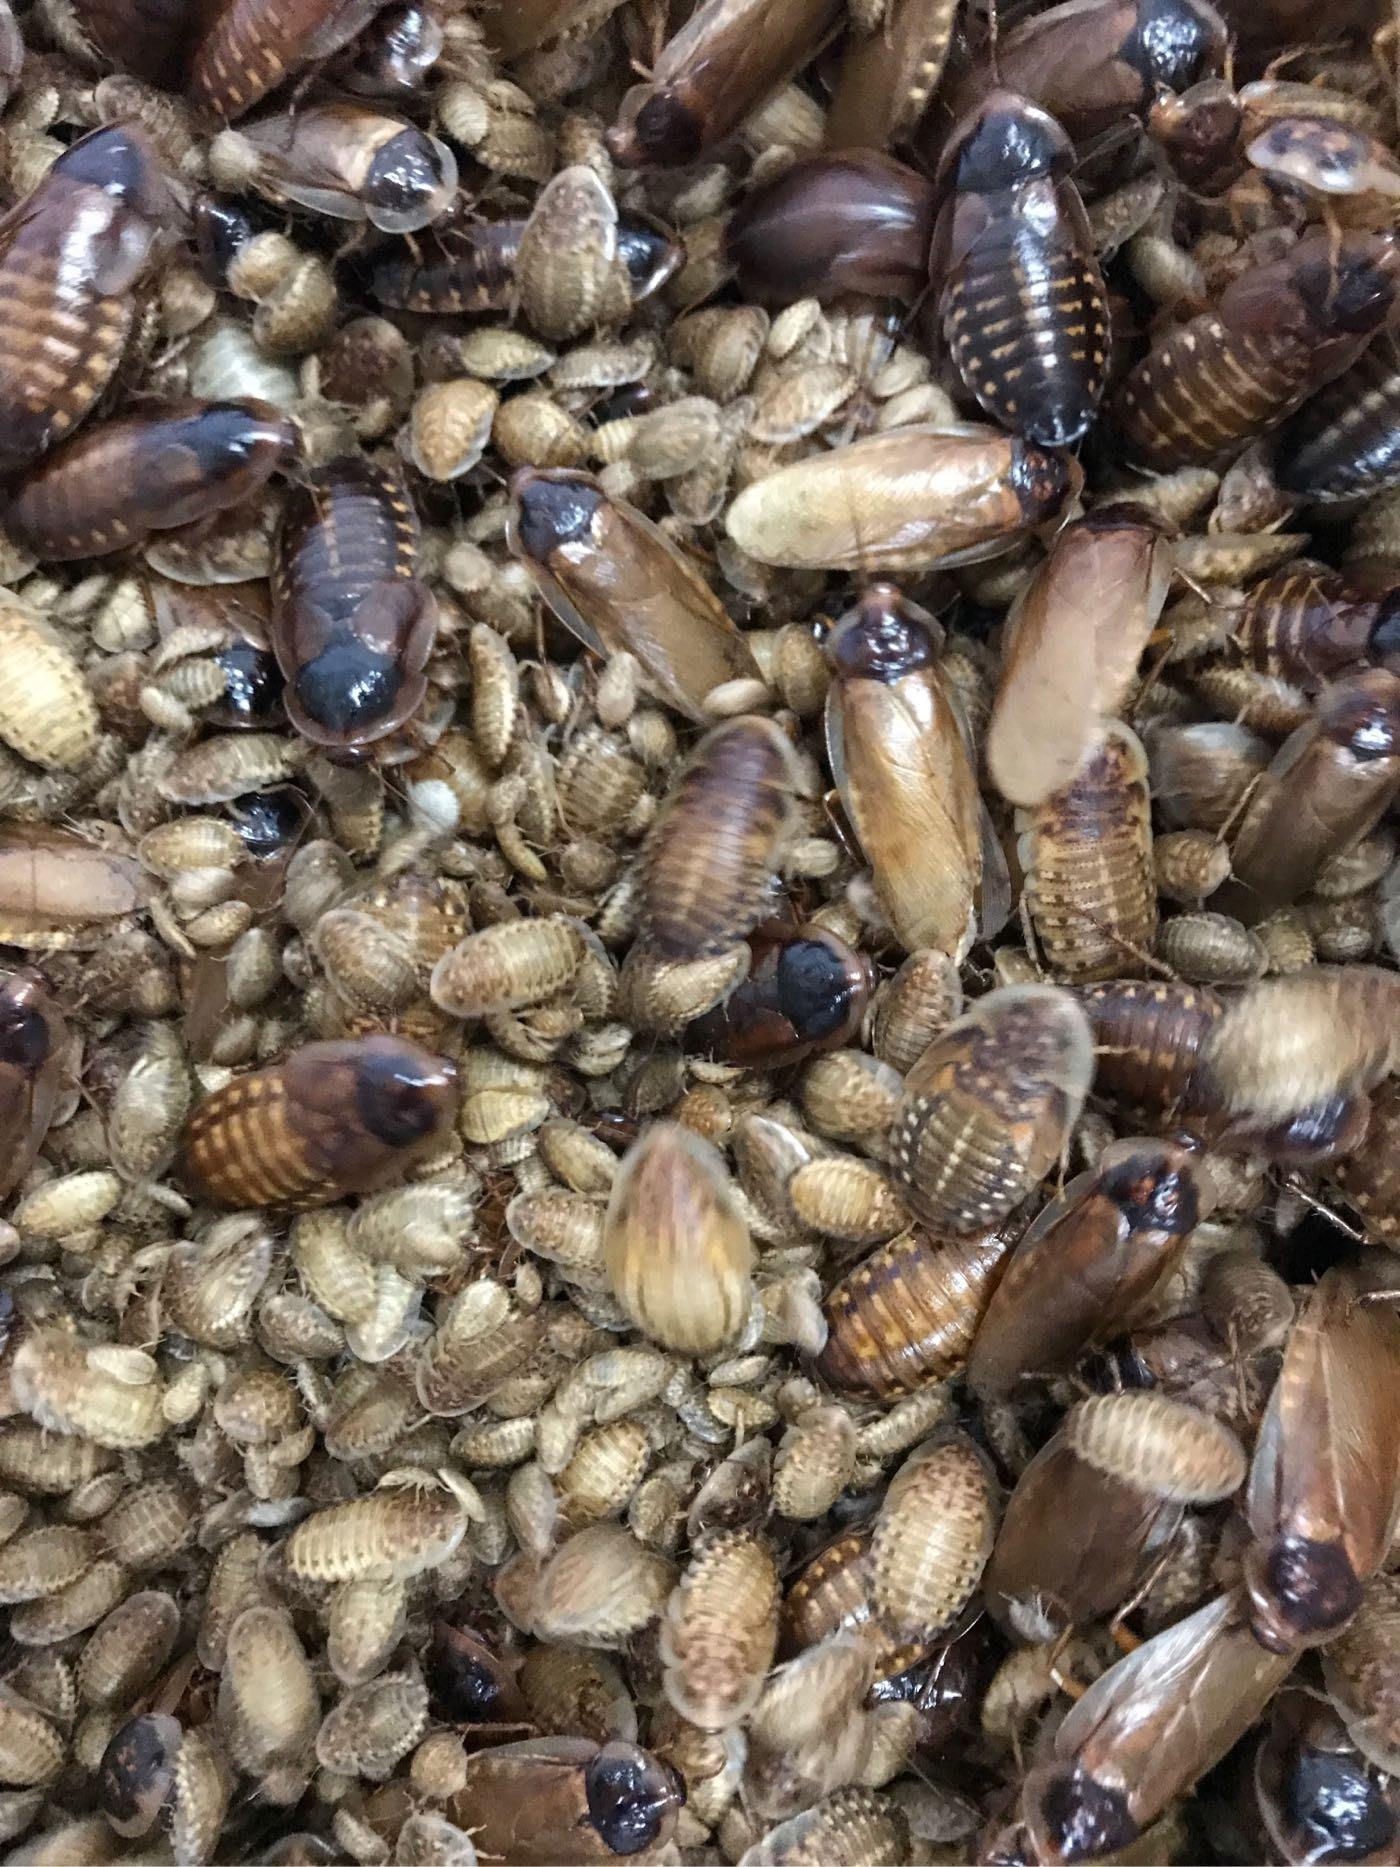 限時特價杜比亞、蟑螂、飼料昆蟲200隻200元(M)1cm~2cm